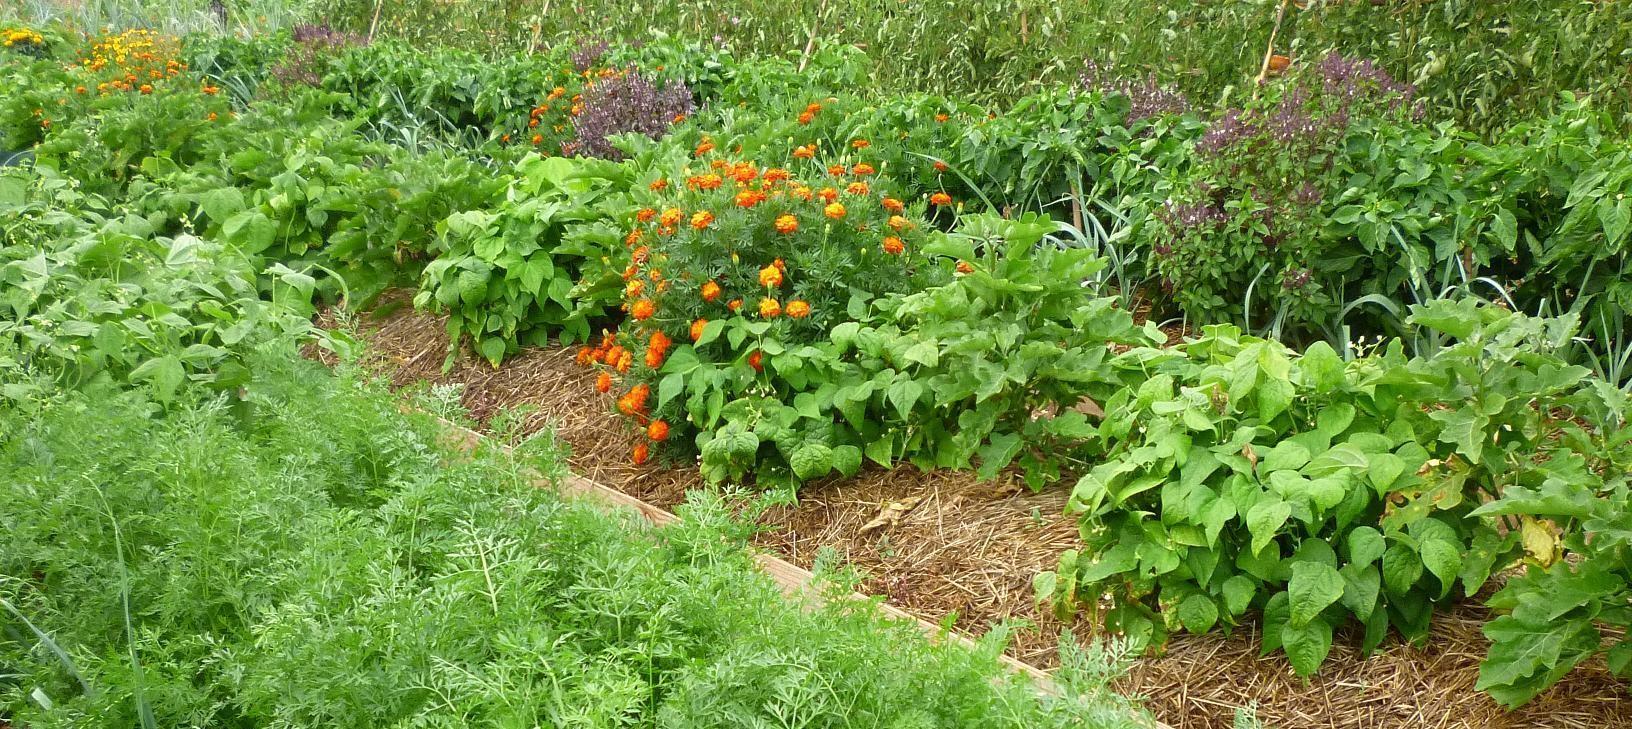 Huerta-Jardín del Boticario